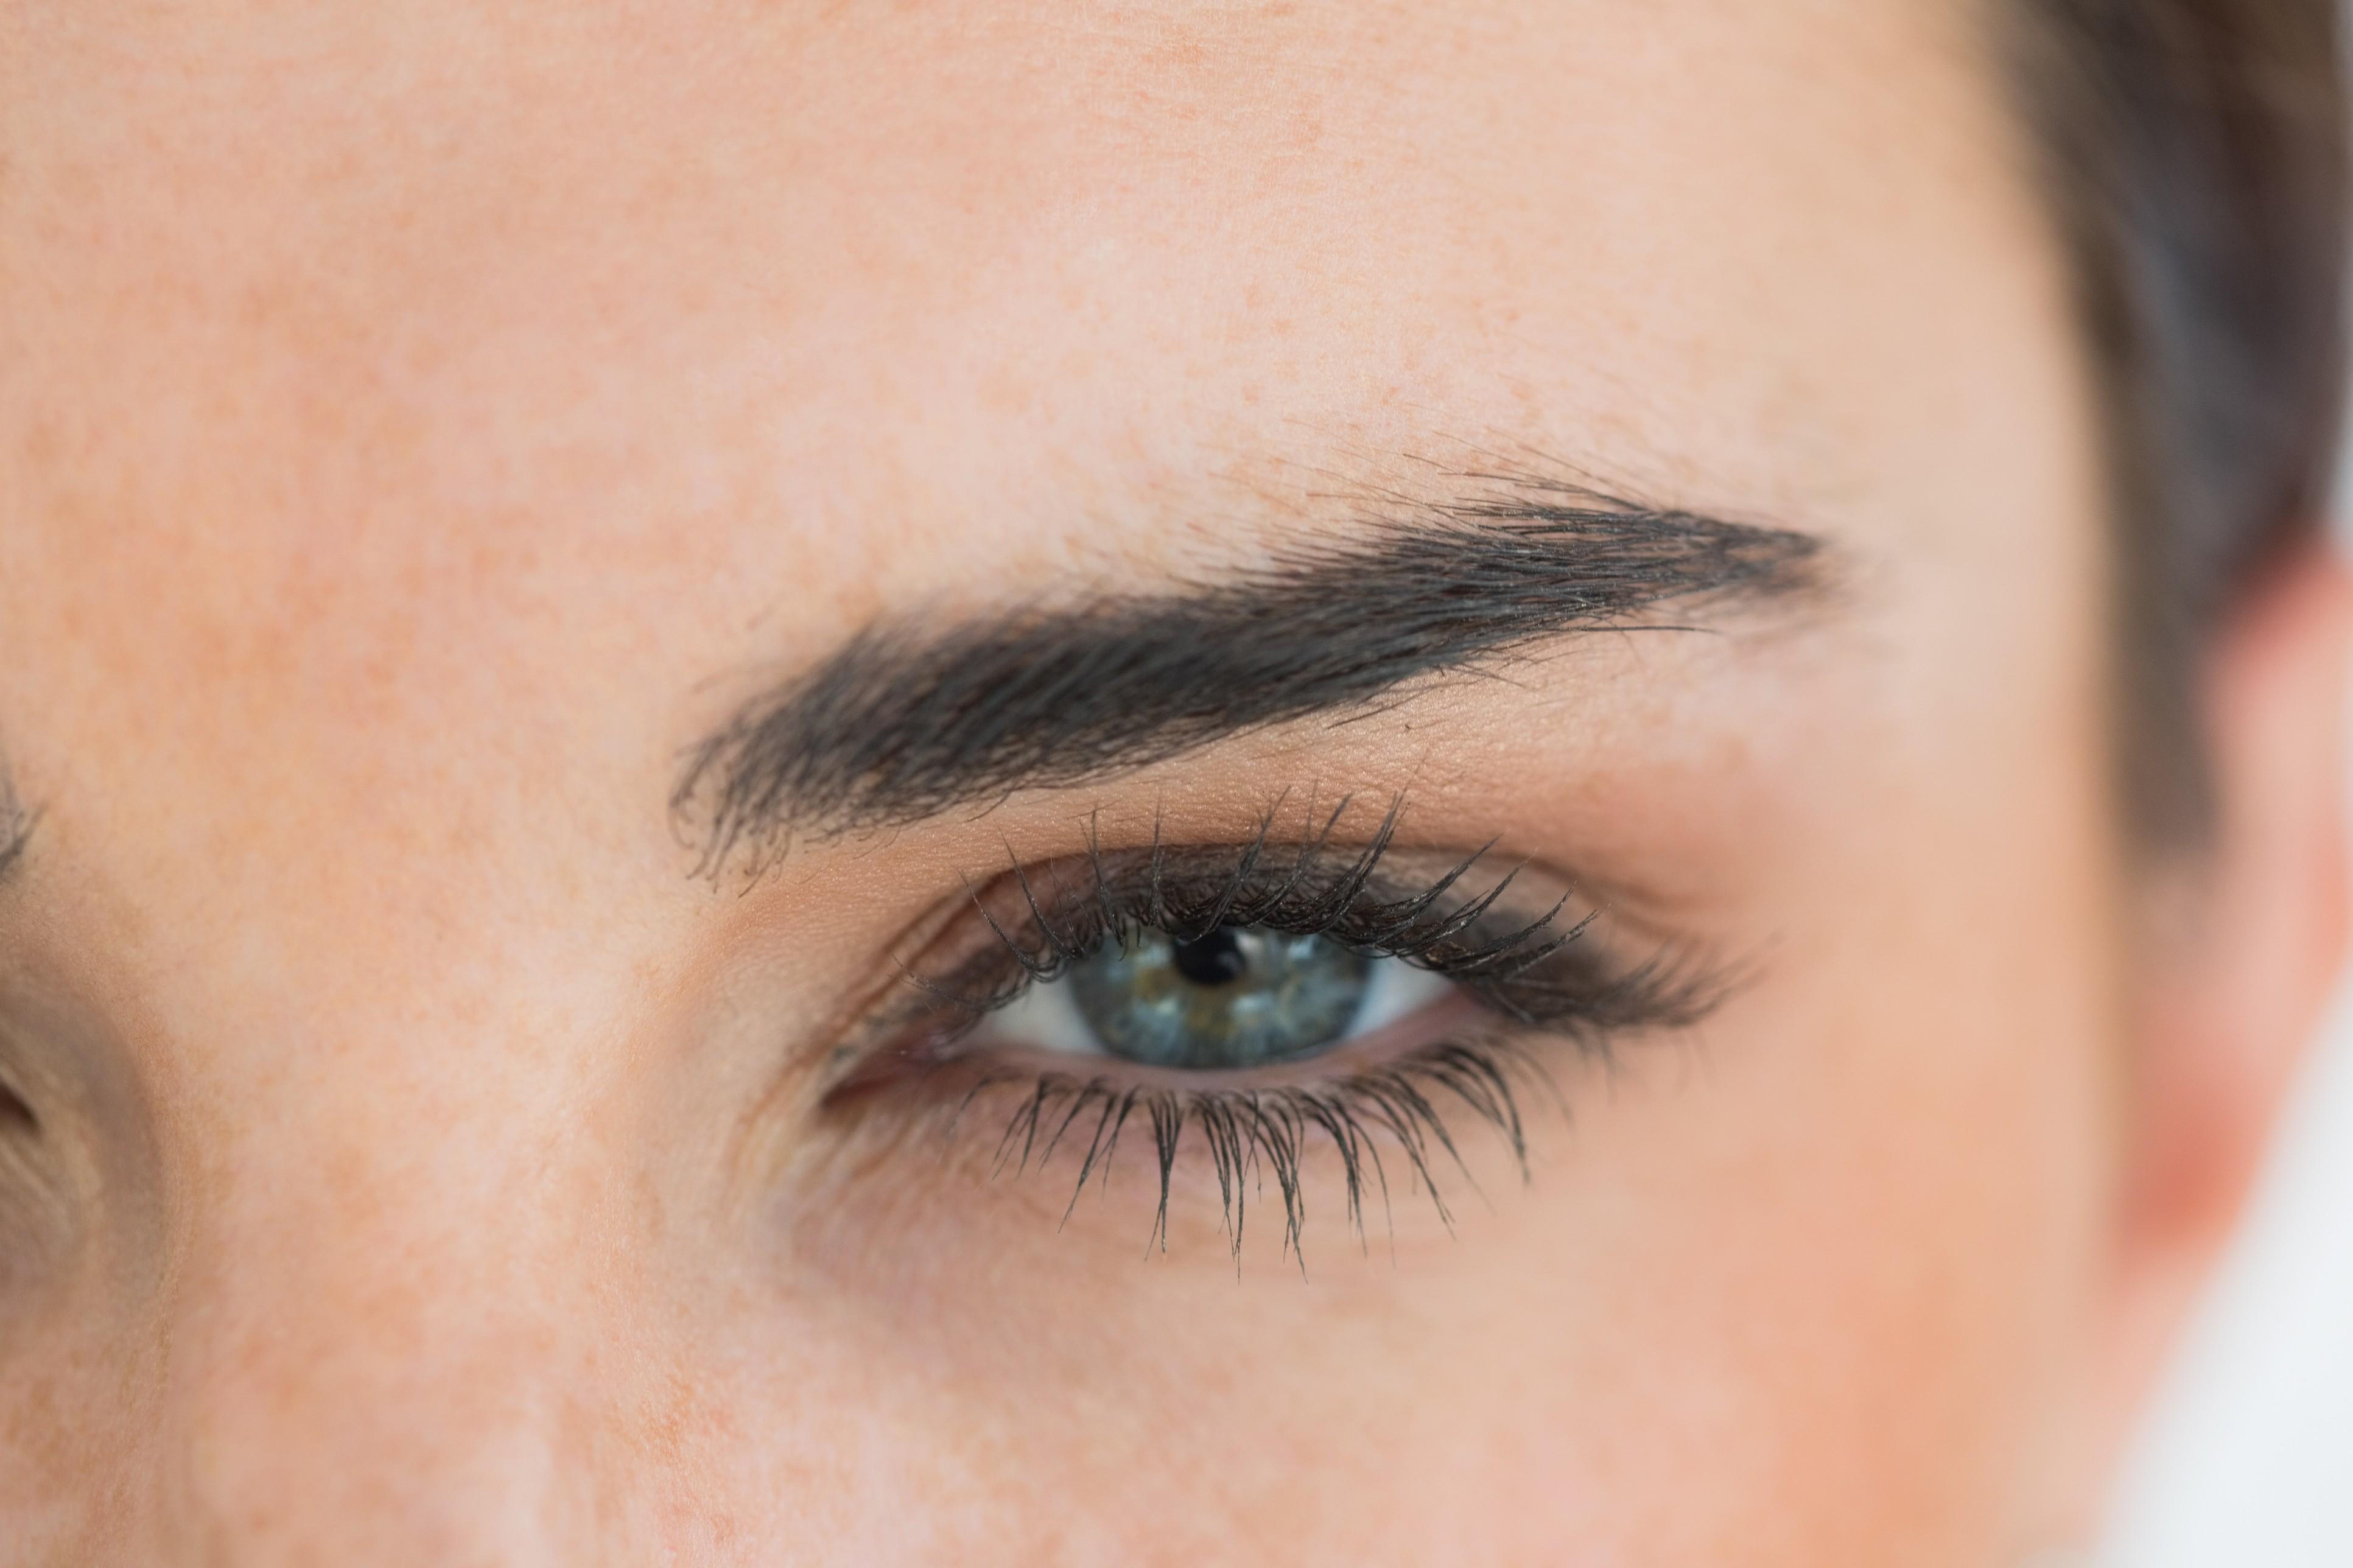 O primer de sobrancelhas promete um aspecto natural e volume, além de hidratar os fios, atuando como um condicionador. (Foto: Thinkstock)